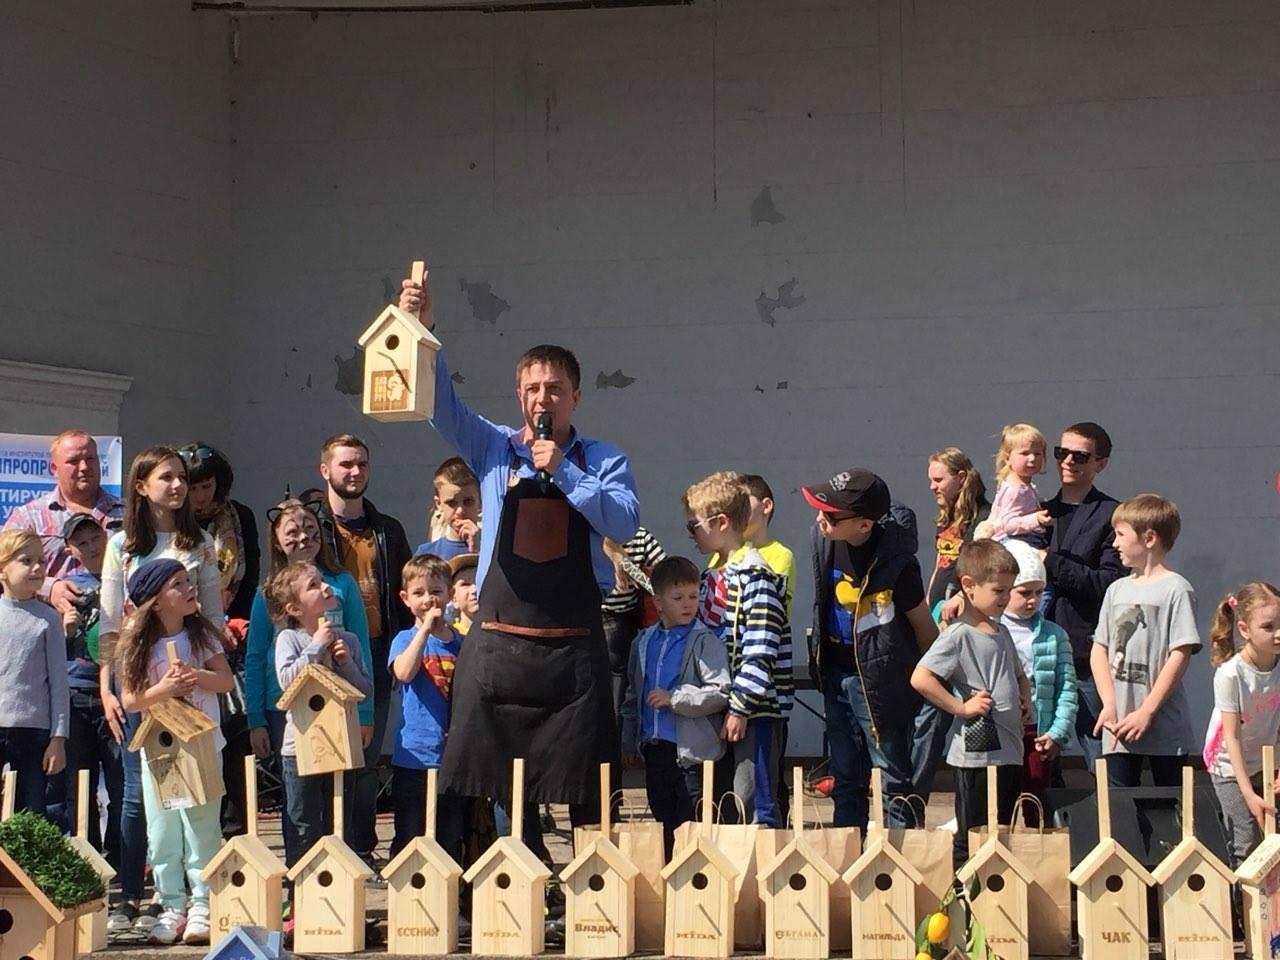 Десятки новых домиков для птиц: в Запорожье прошел городской фестиваль скворечников - ФОТО